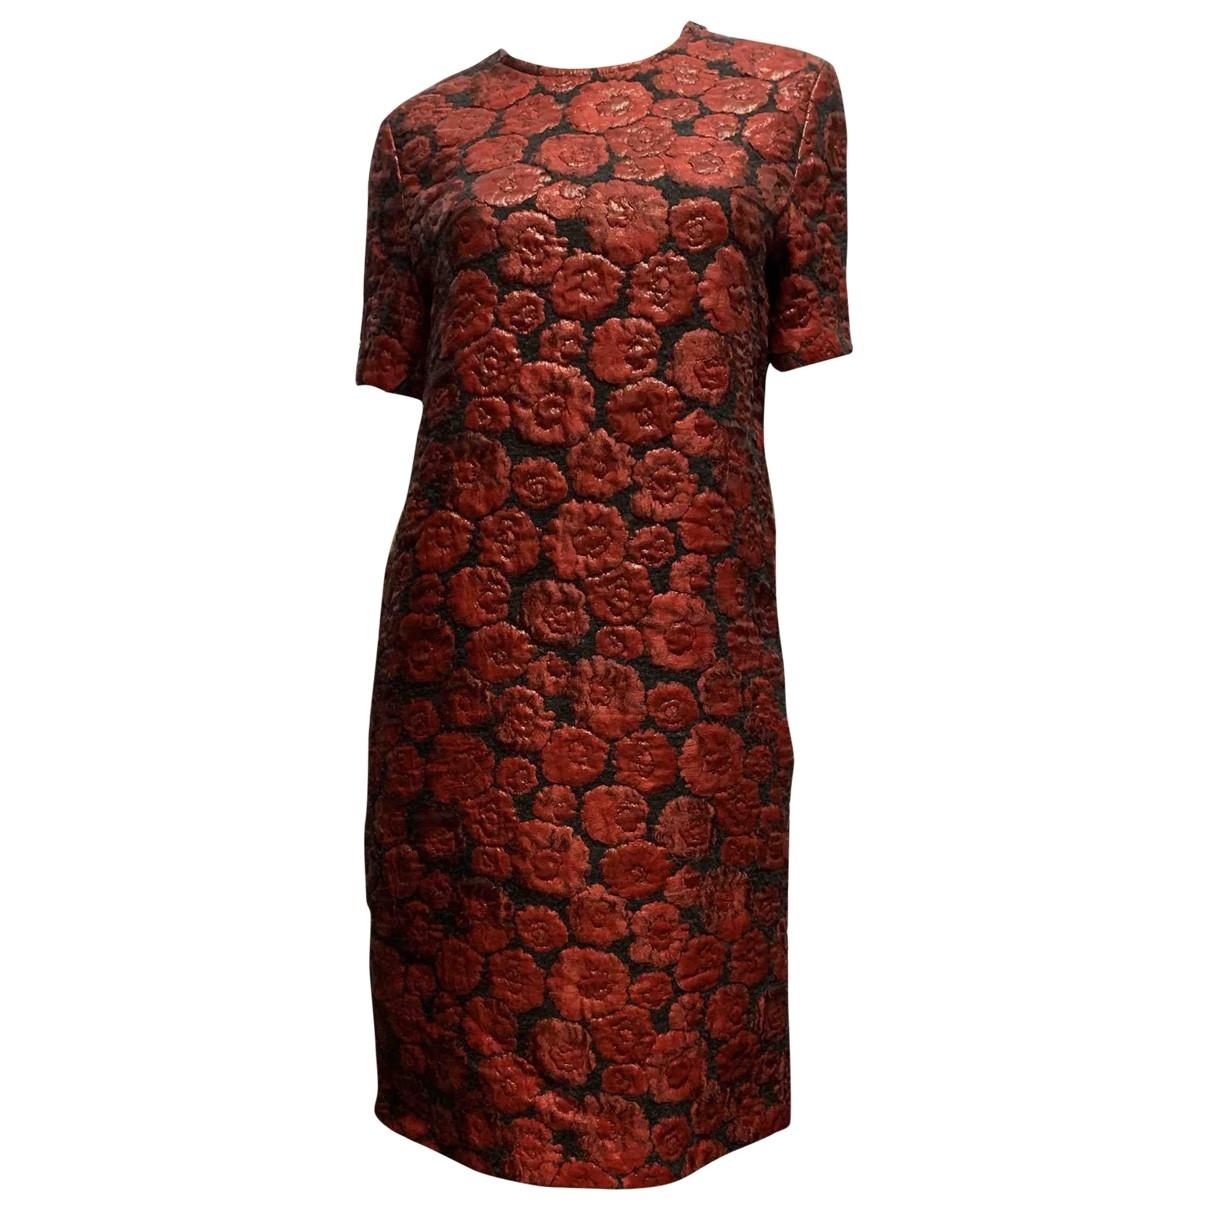 Lanvin \N Red Wool dress for Women 38 FR